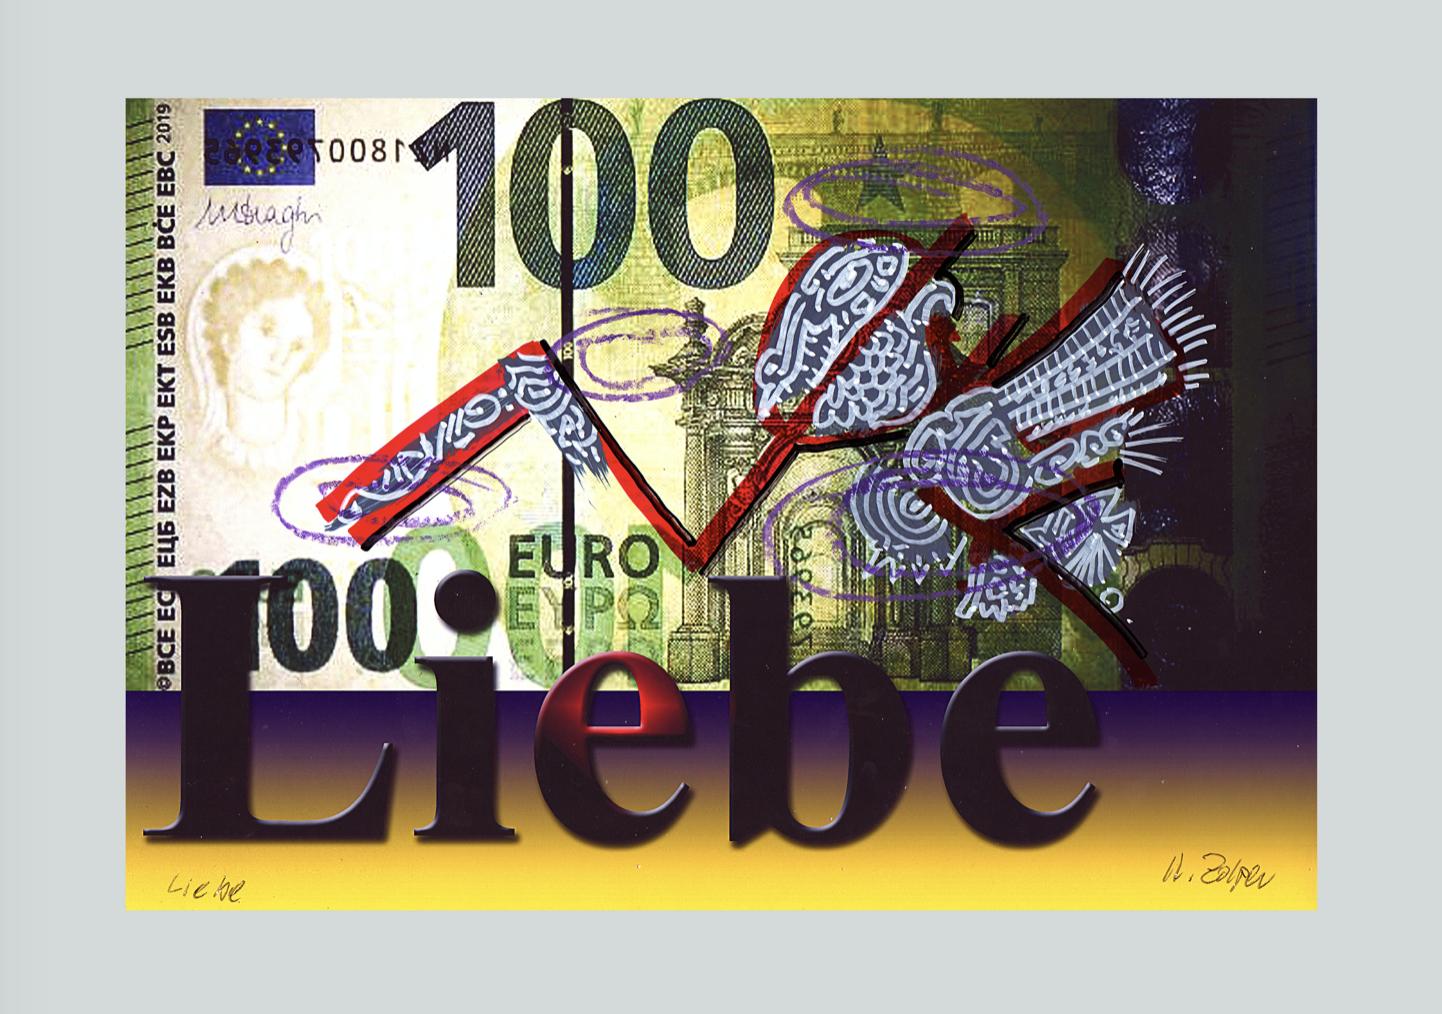 Zolper. Versöhnung der Werte, Liebe. ArtForum Editions